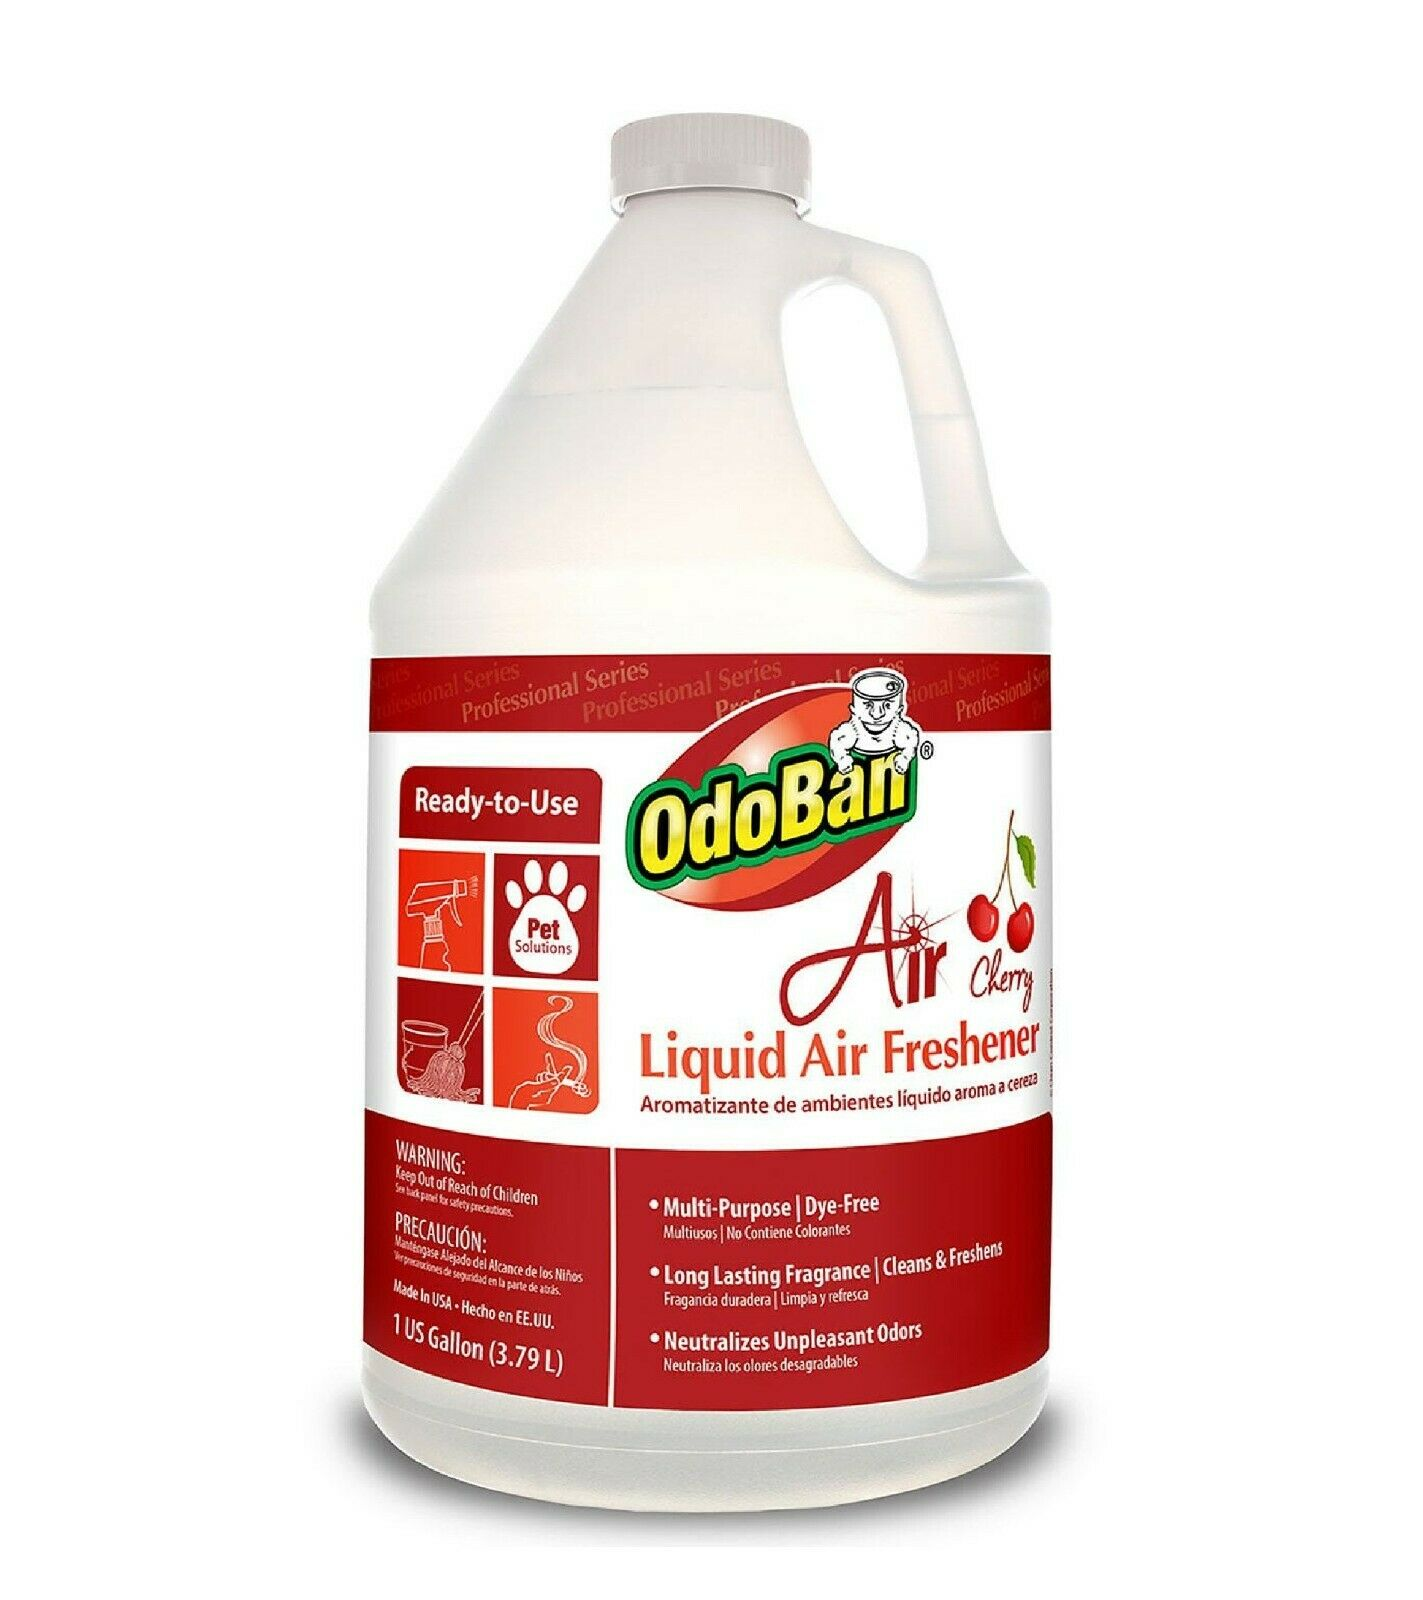 OdoBan 977362-G Air Cherry Liquid Air Freshener, 1 Gallon Bo